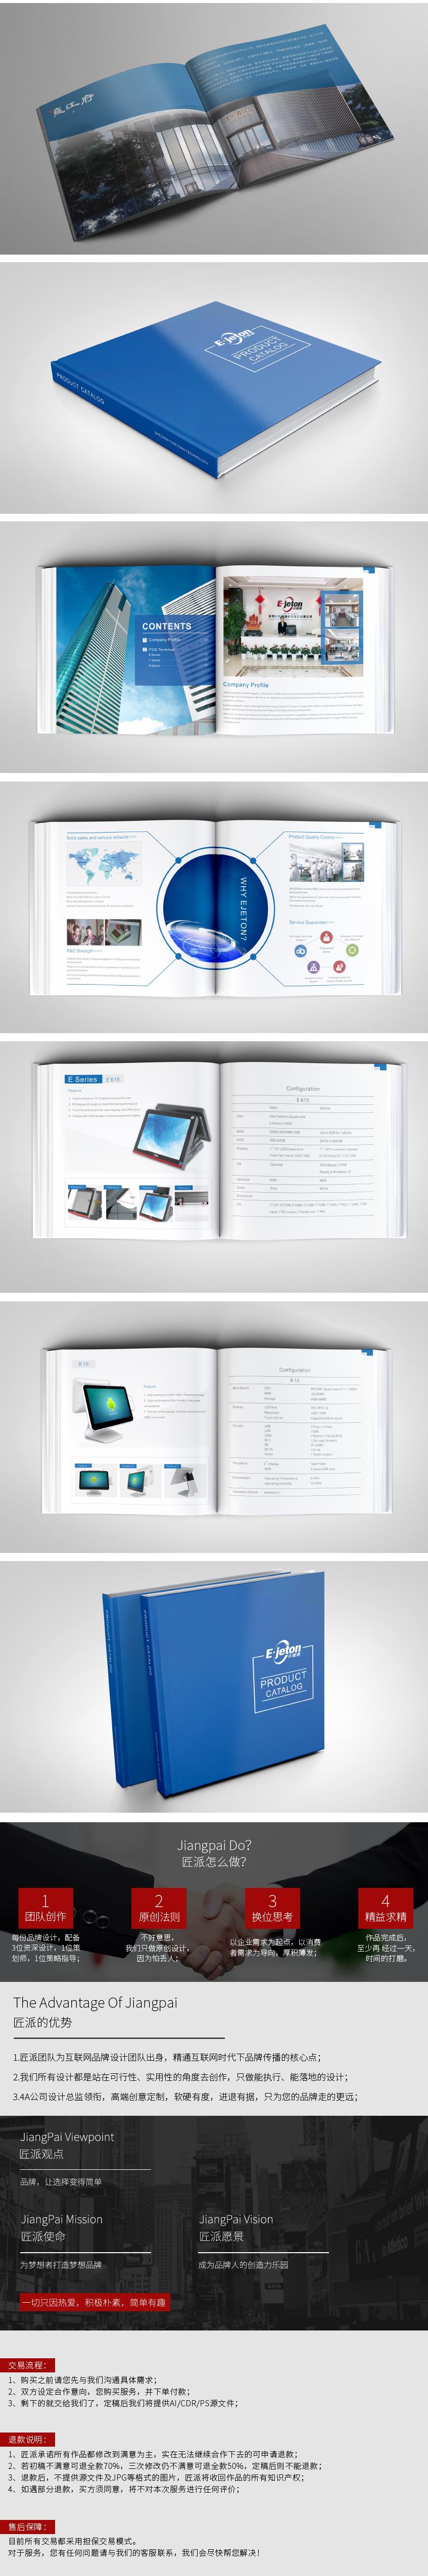 _楼书企业样本招标书设计企业年鉴规章手册品牌宣传品宣传册设计2